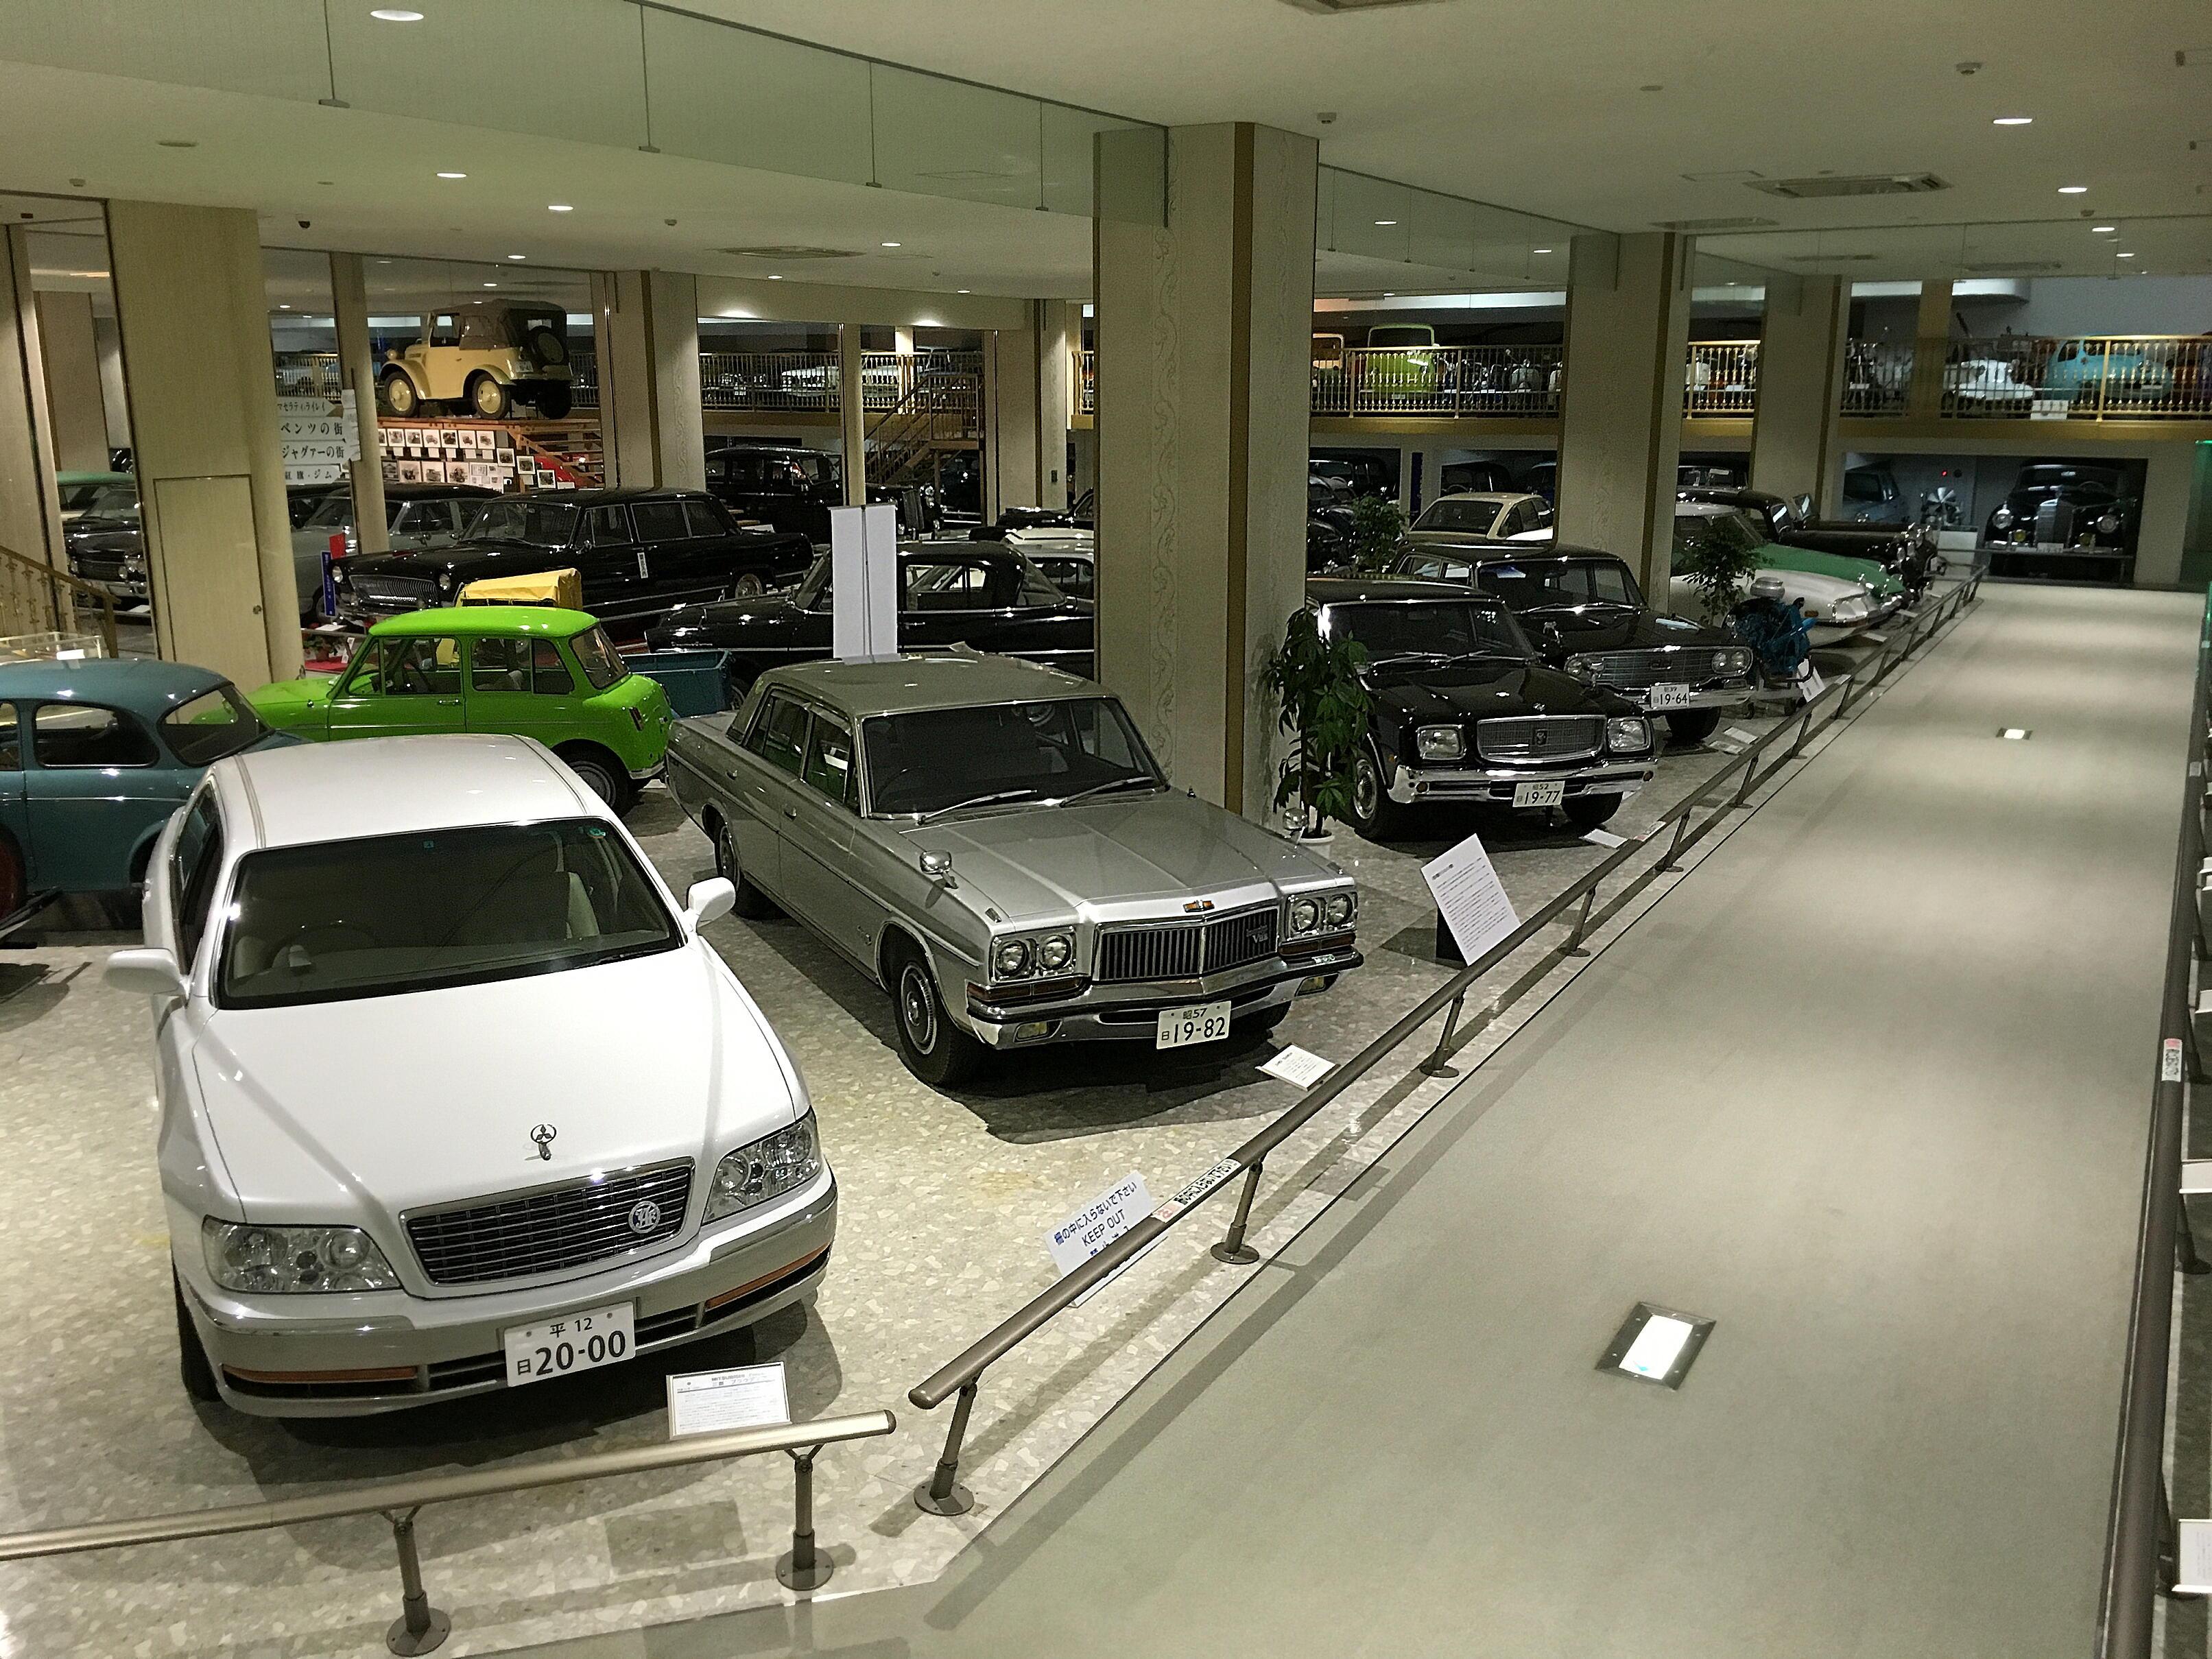 日本 自動車 博物館 2021年 日本自動車博物館 - 行く前に!見どころをチェック